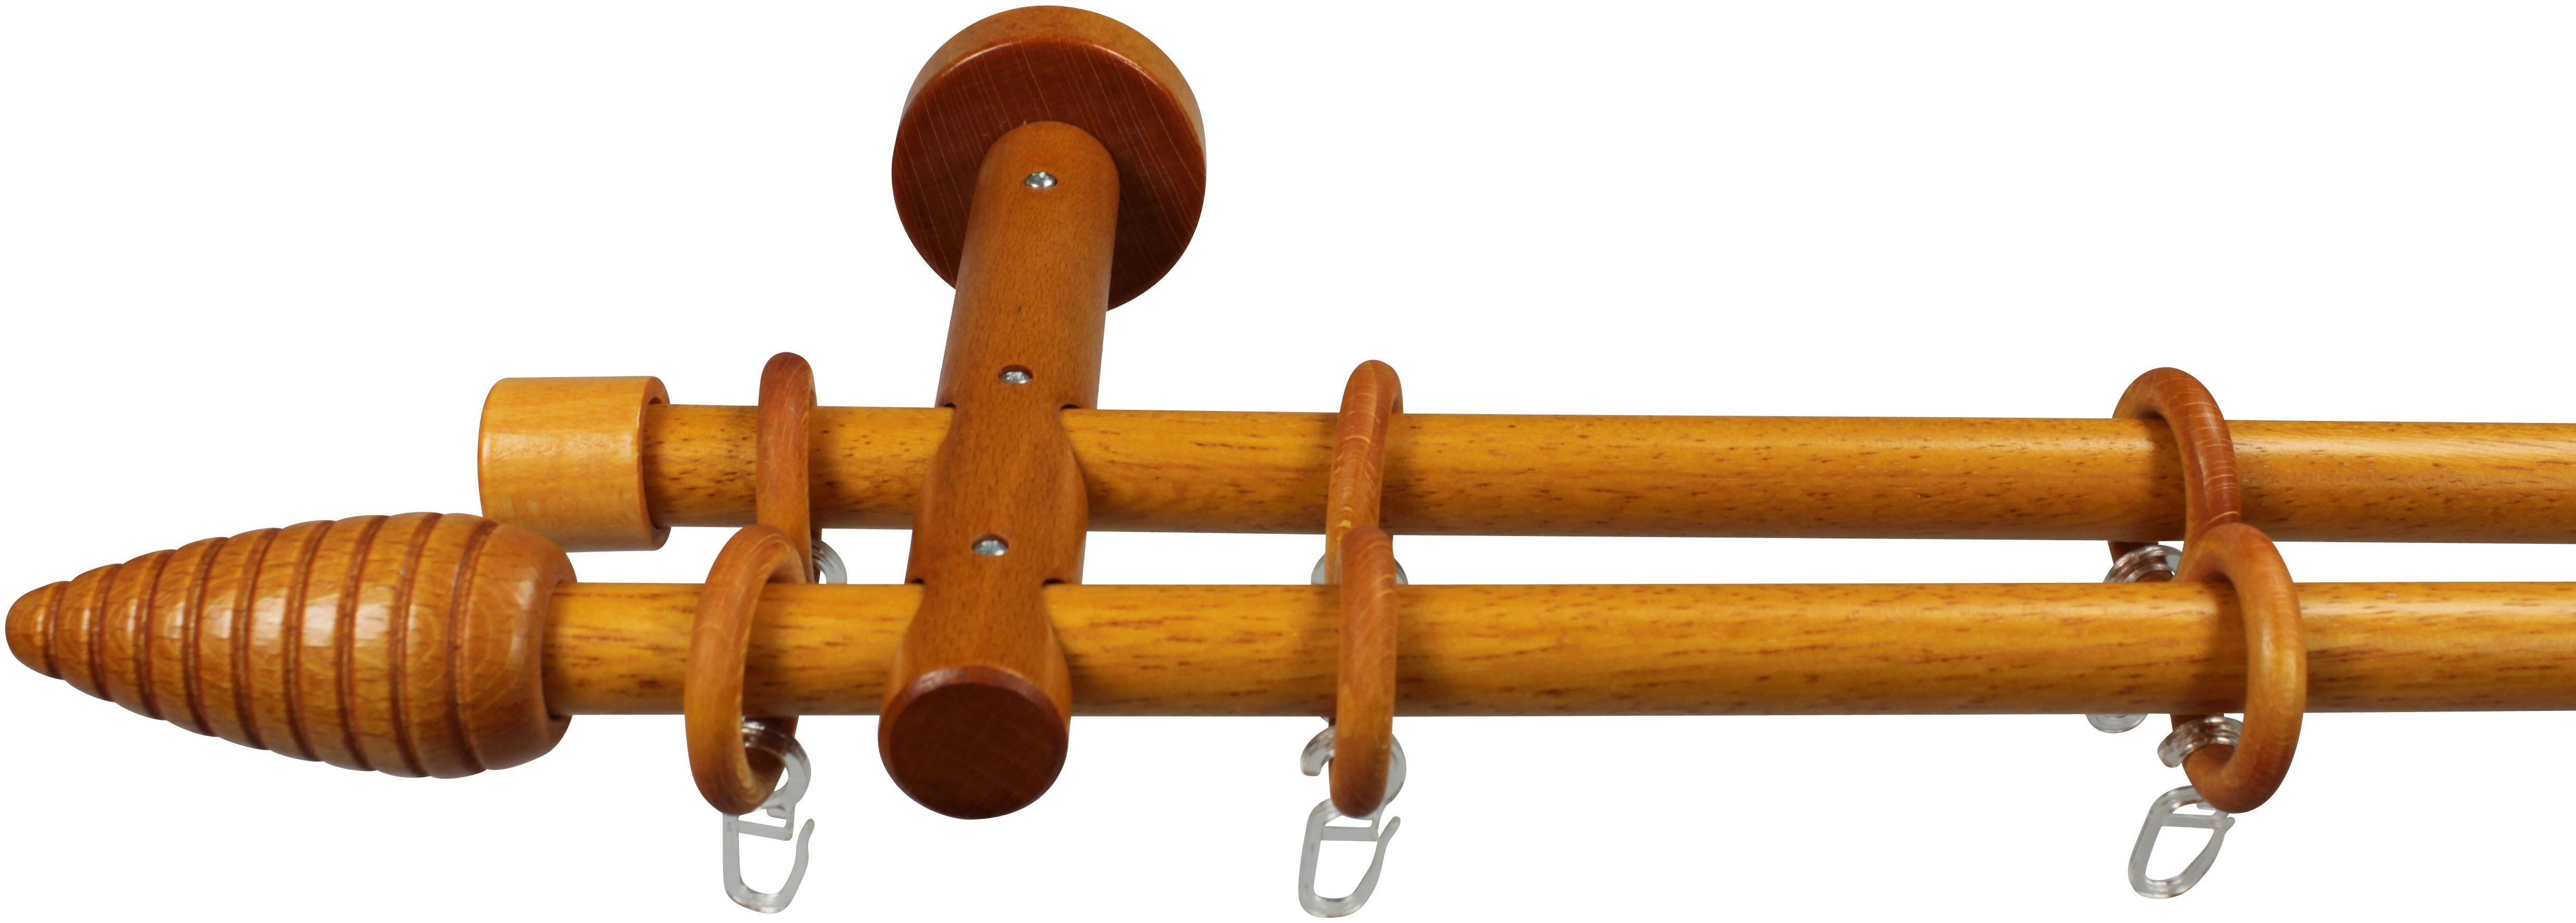 Gardinenstange, Garesa, »Esino«, 1- oder 2-läufig nach Maß, ø 20mm   Heimtextilien > Gardinen und Vorhänge > Gardinenstangen   Holz - Metall   GARESA